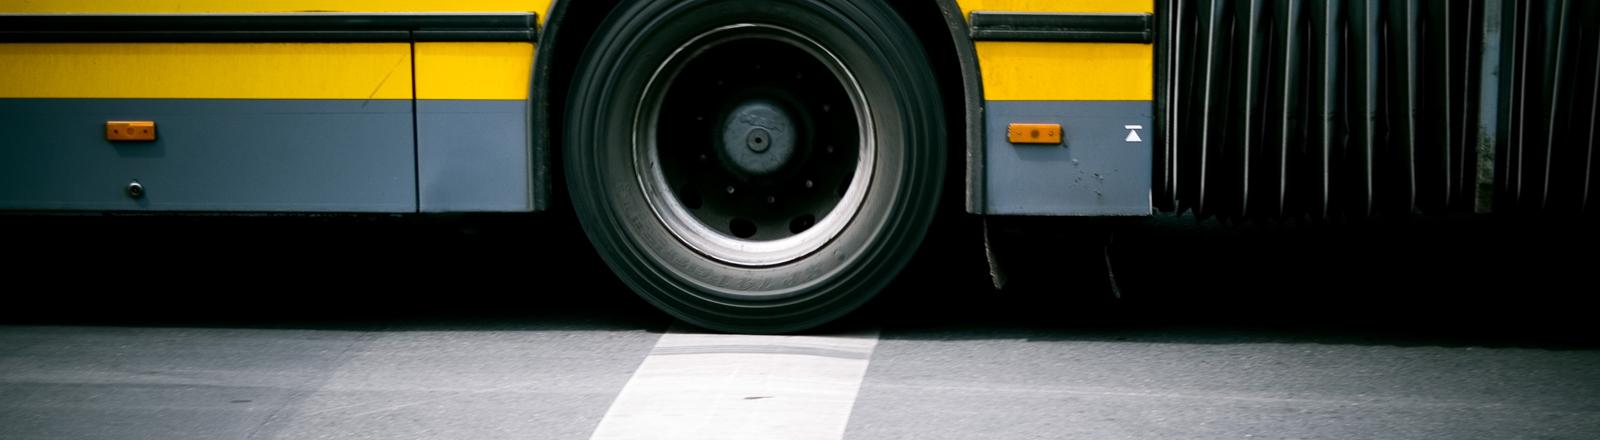 Ein Schulbus oder Omnibus